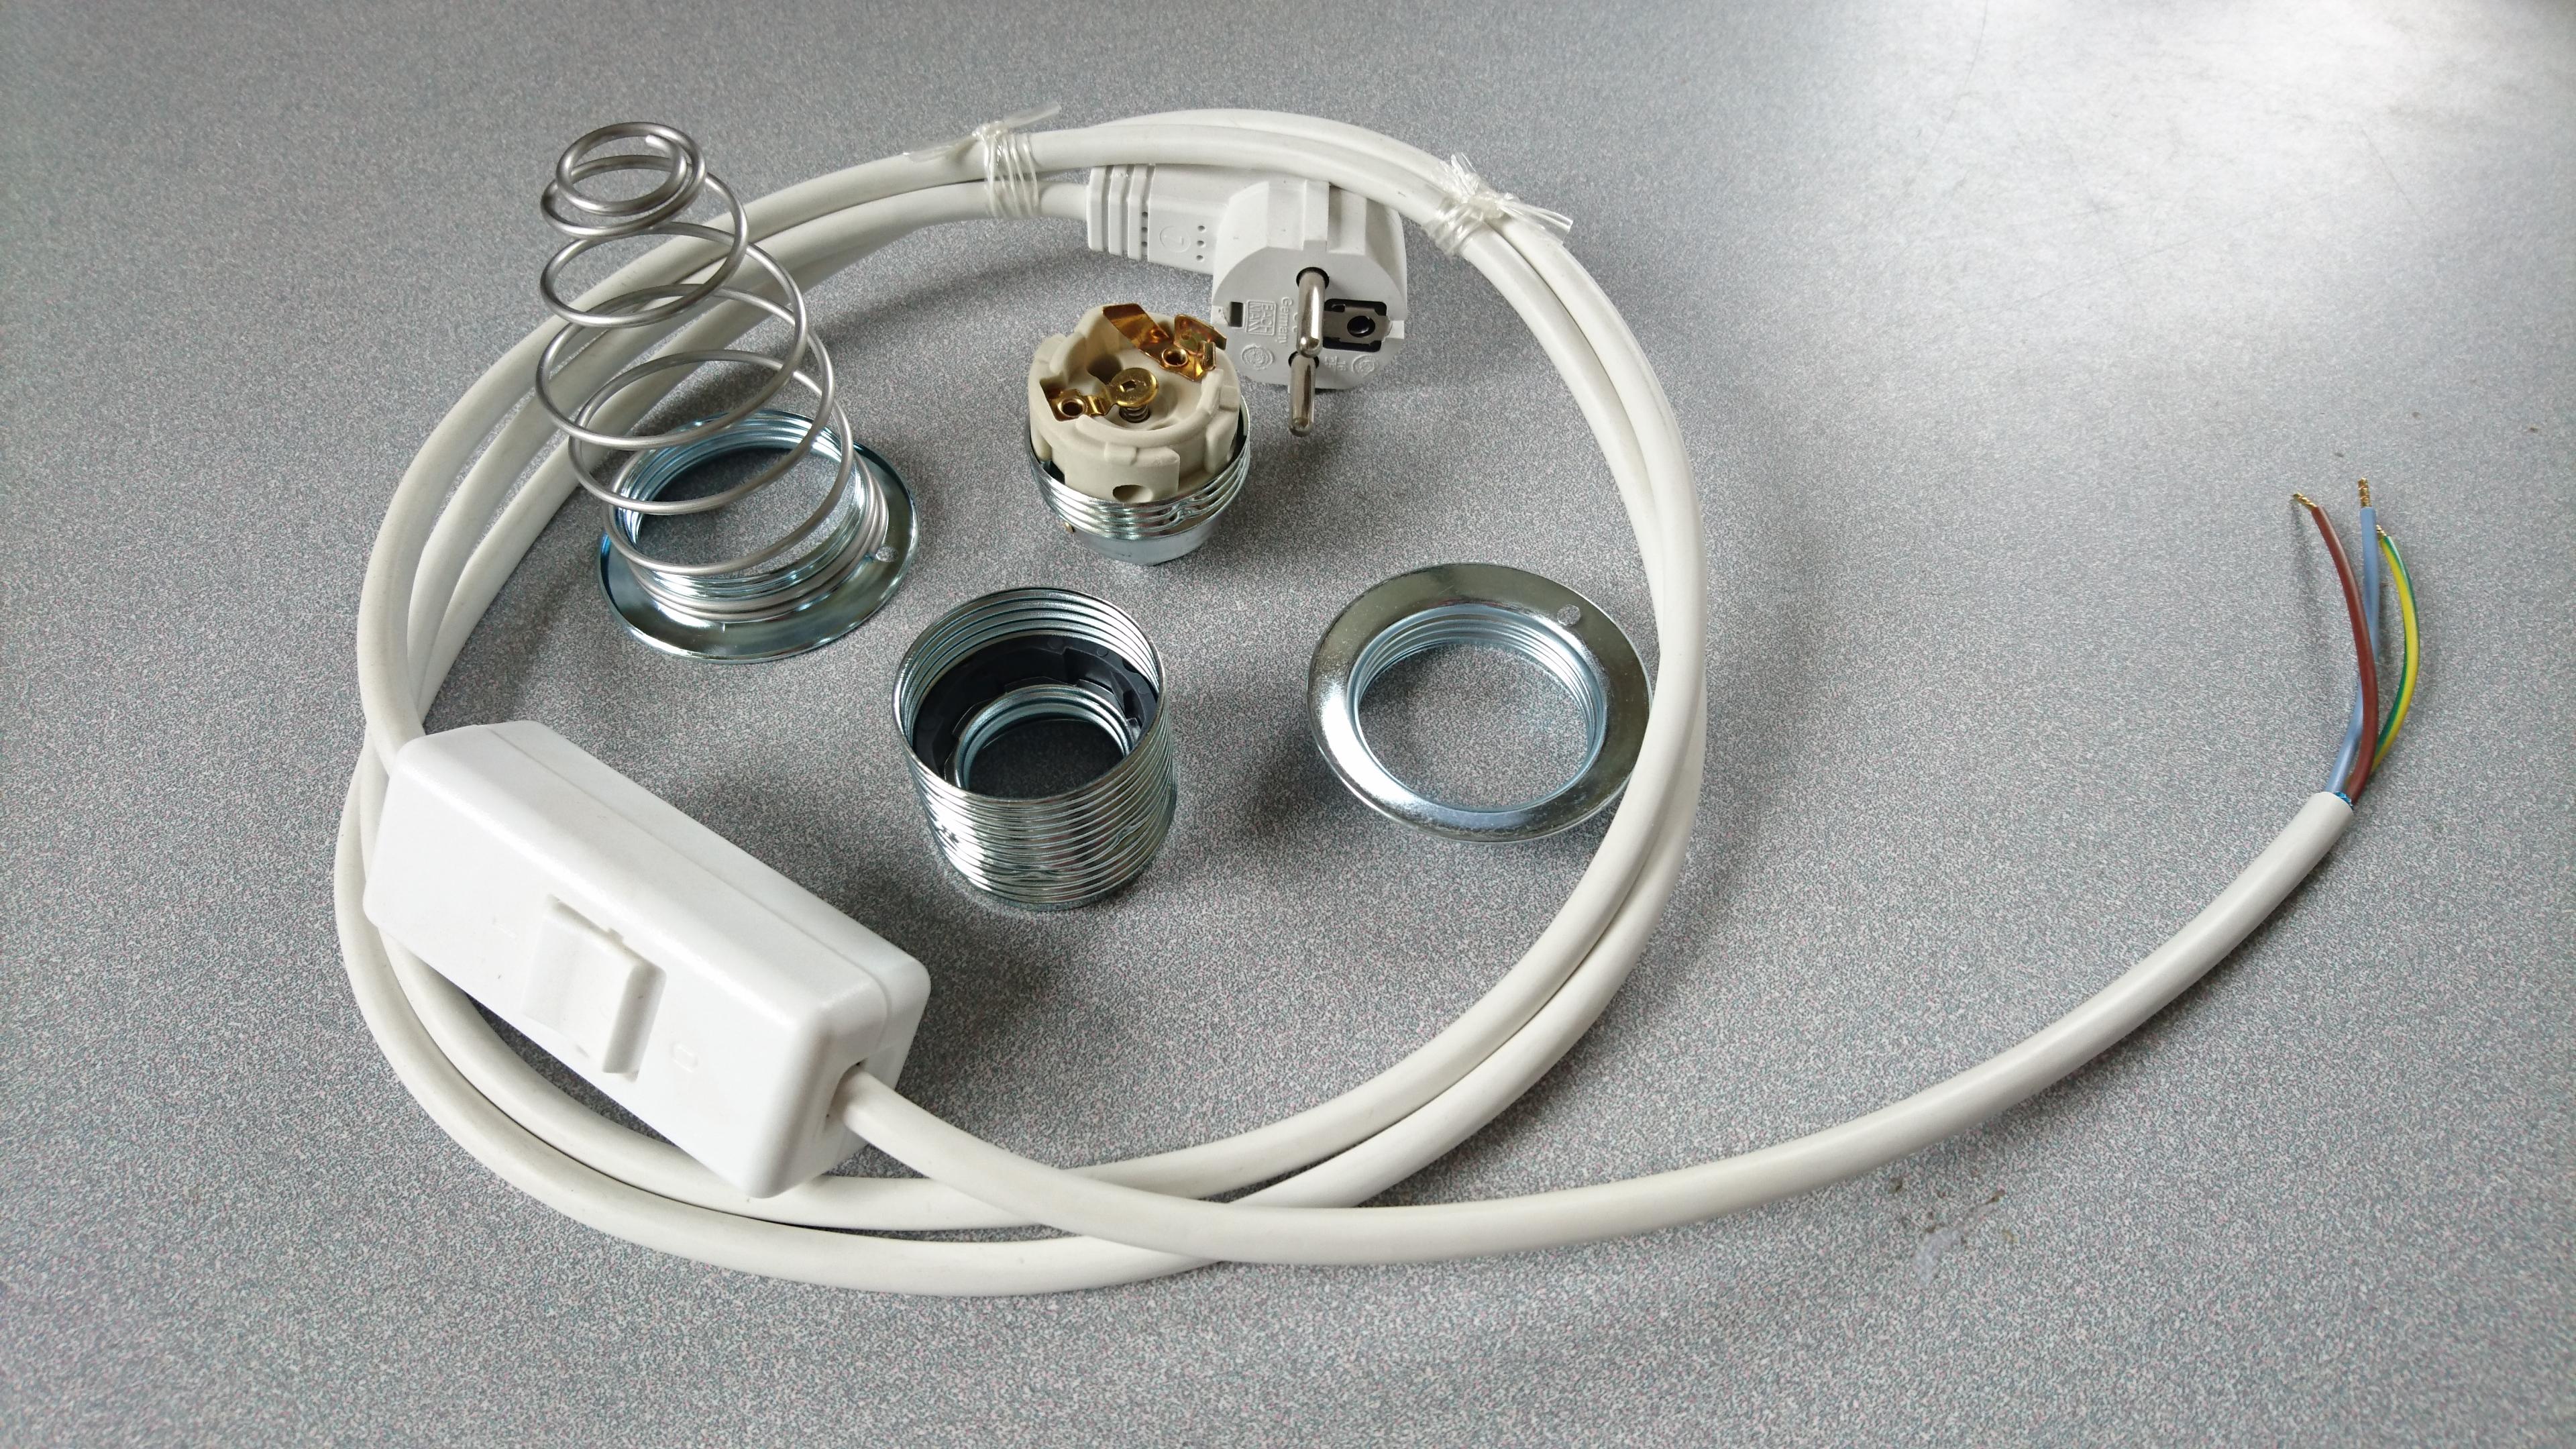 Kit complet c ble de remplacement lampe avec interrupteur bipolaire danell douille spire - Kit douille cable interrupteur ...